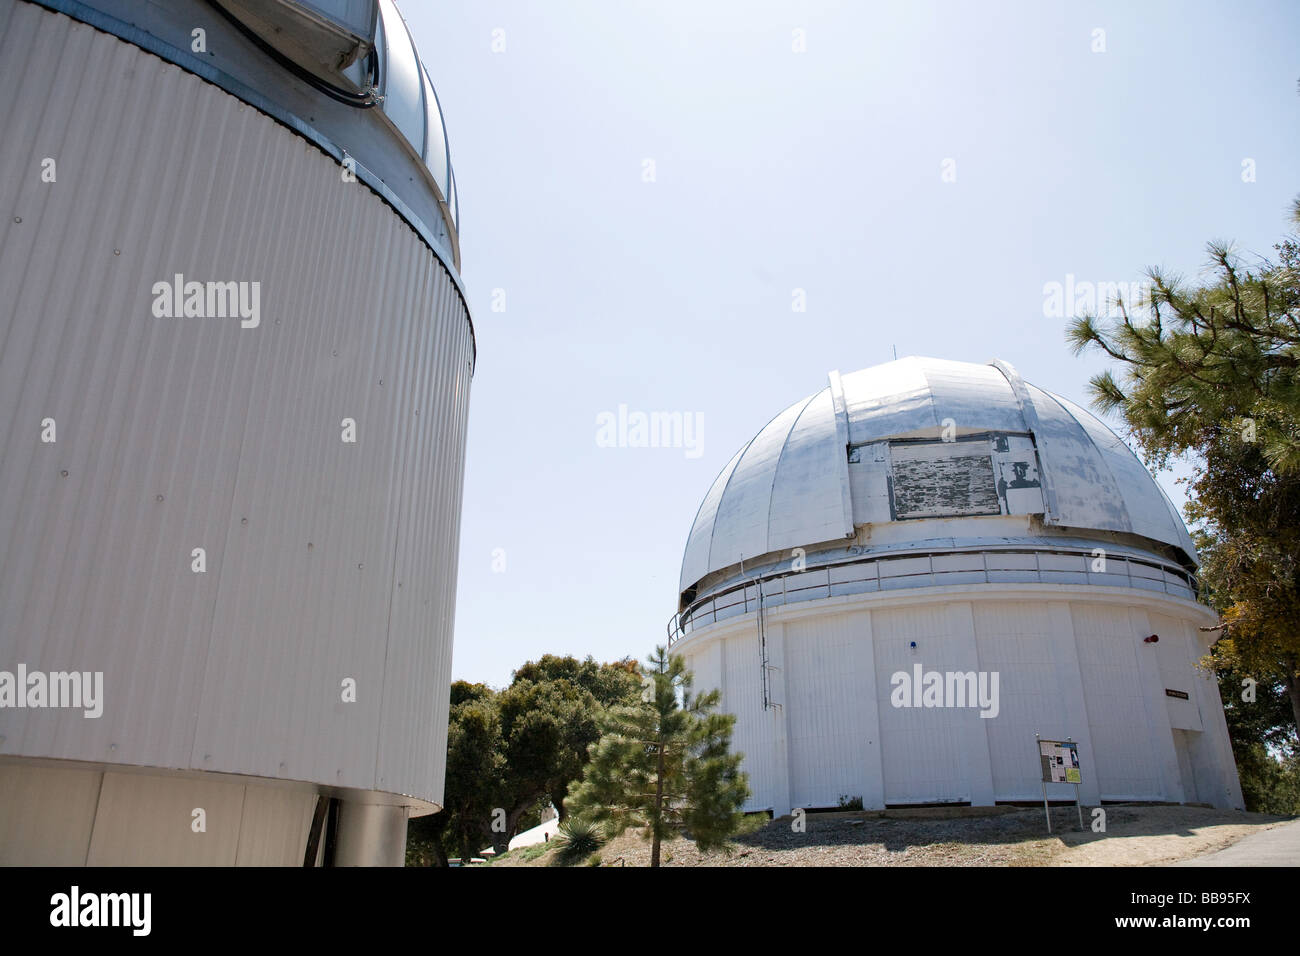 Mount wilson observatory mwo ist ein astronomisches